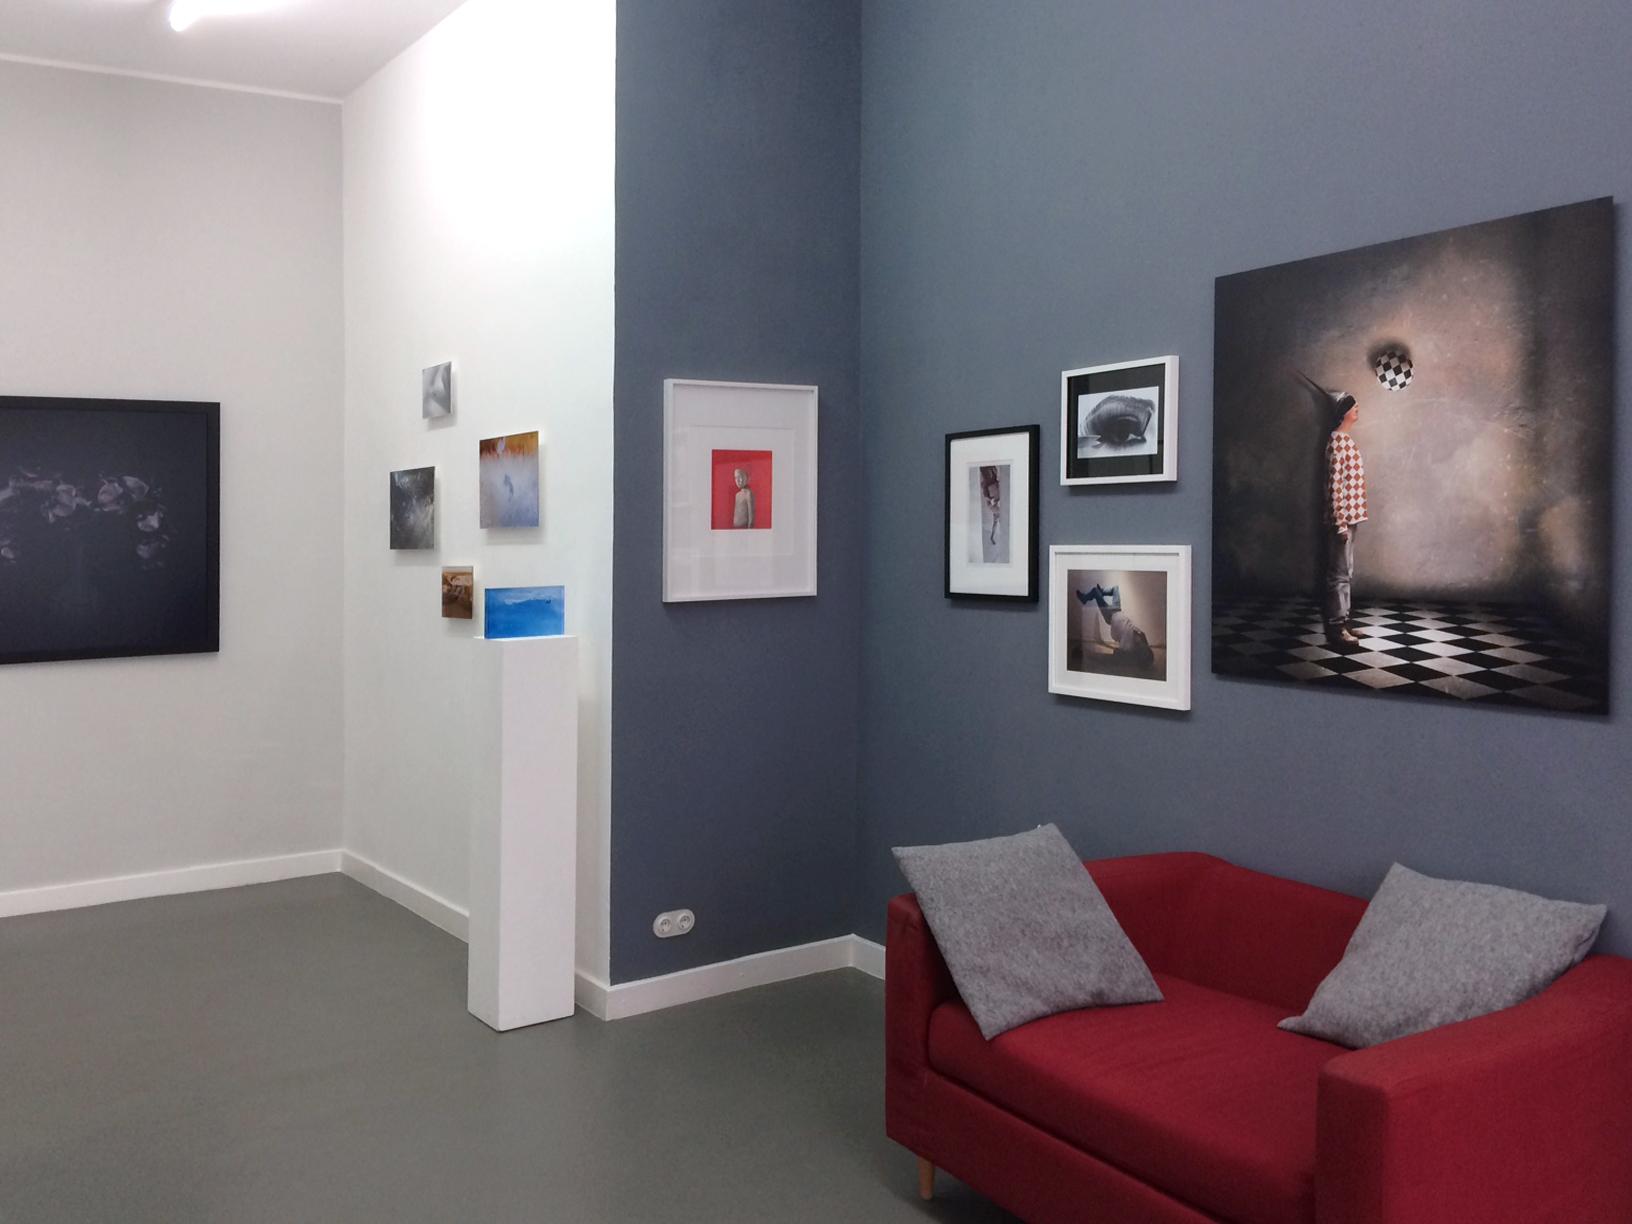 Olga Simón, Poetischer Realismus, Realismo poético, Poetic Realism, 100 kubik, gallery, galería, galerie, Cologne, Colonia, Köln, Alemania, Germany, Deutschland, 2016, Polar garden, Jardín polar, Polargarten, 2016